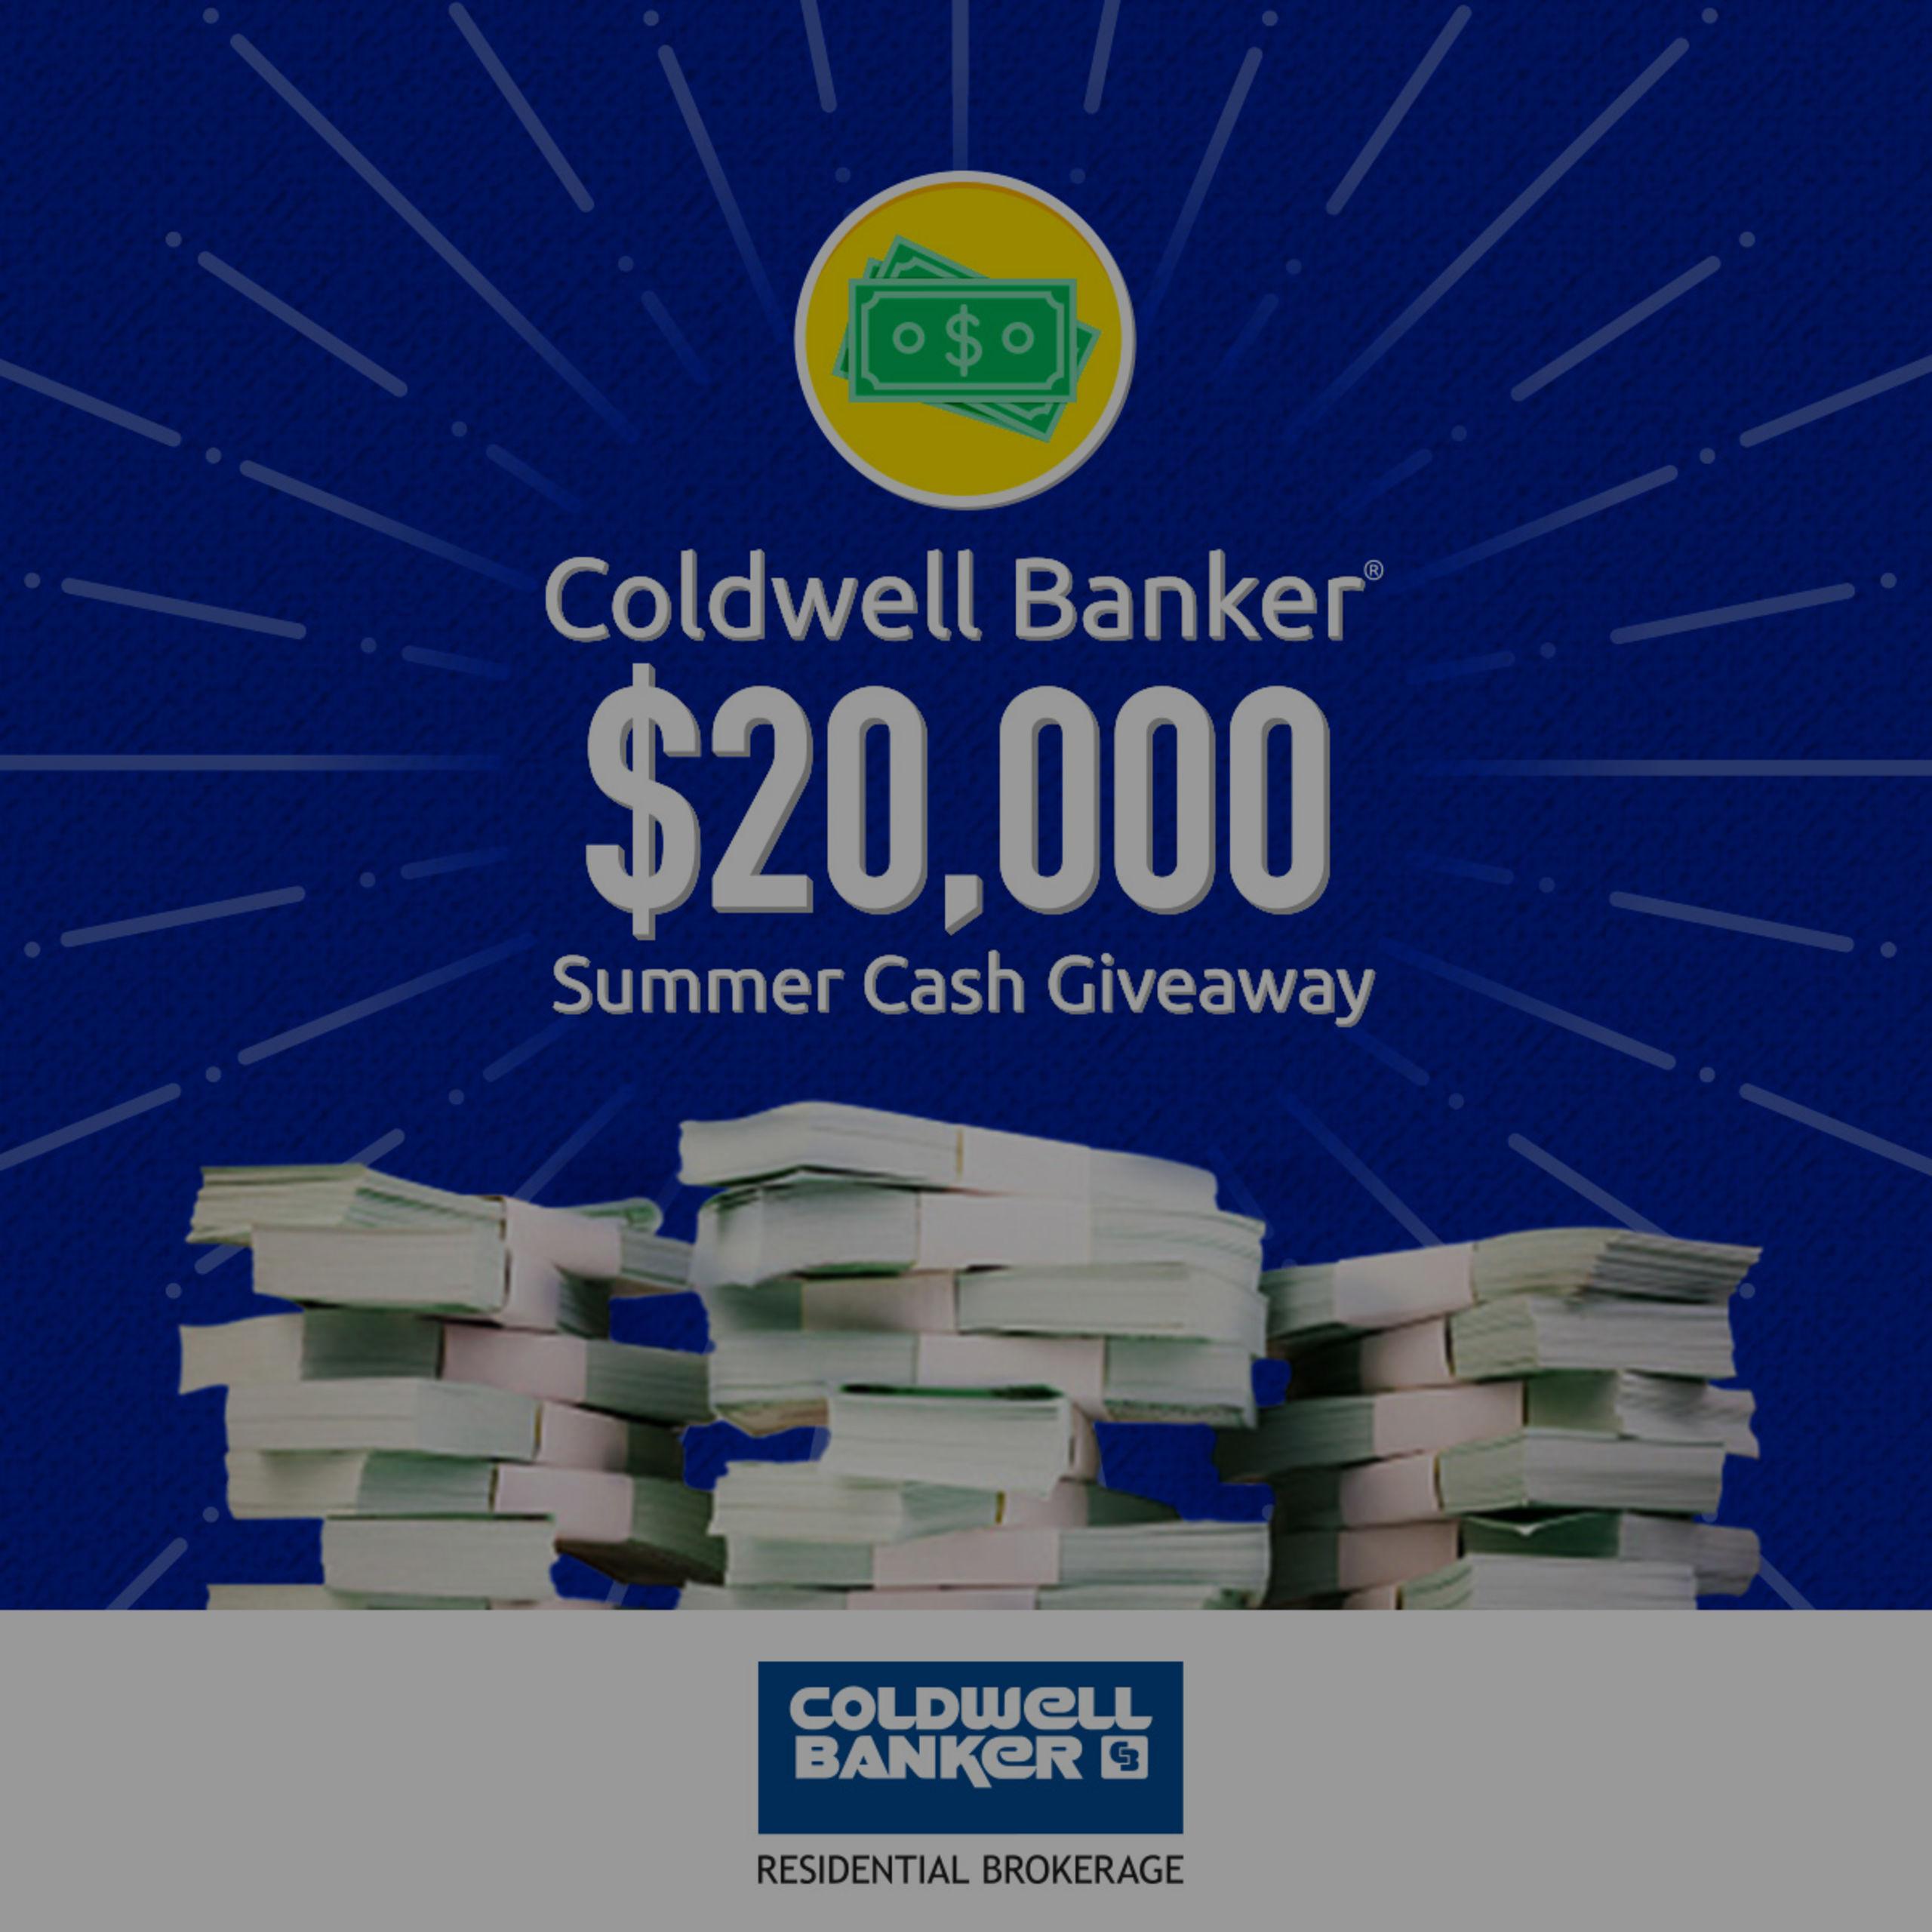 Coldwell Banker $20,000 Summer Cash Giveaway